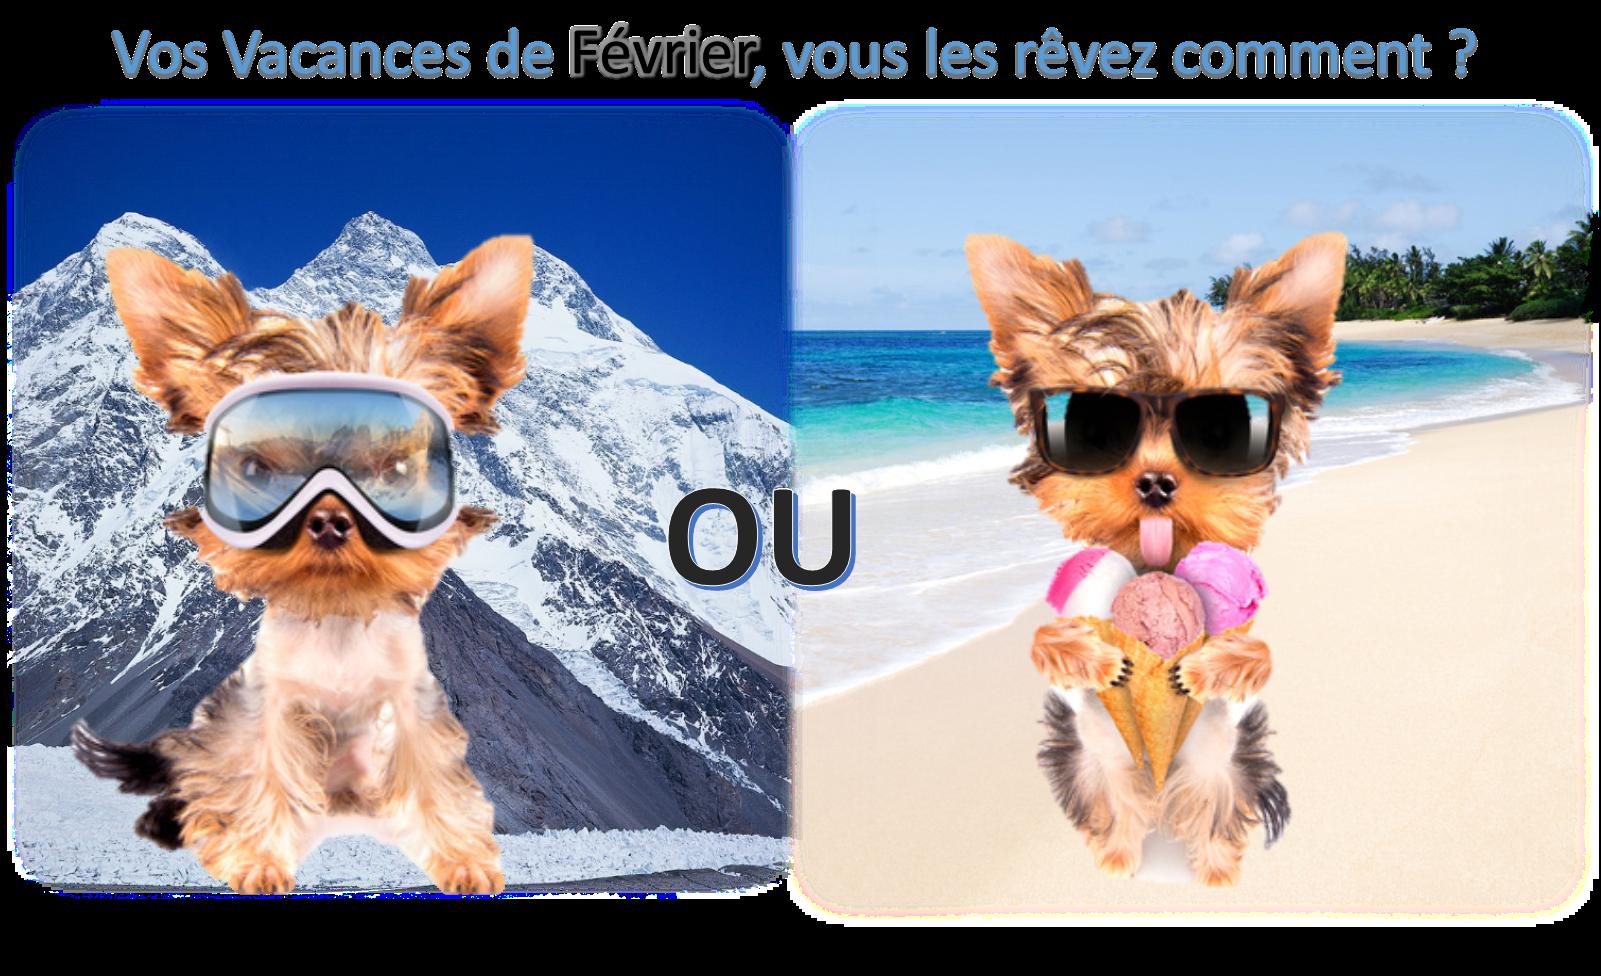 Bons_plans_promotions_vacances_février_2014_Wheecard